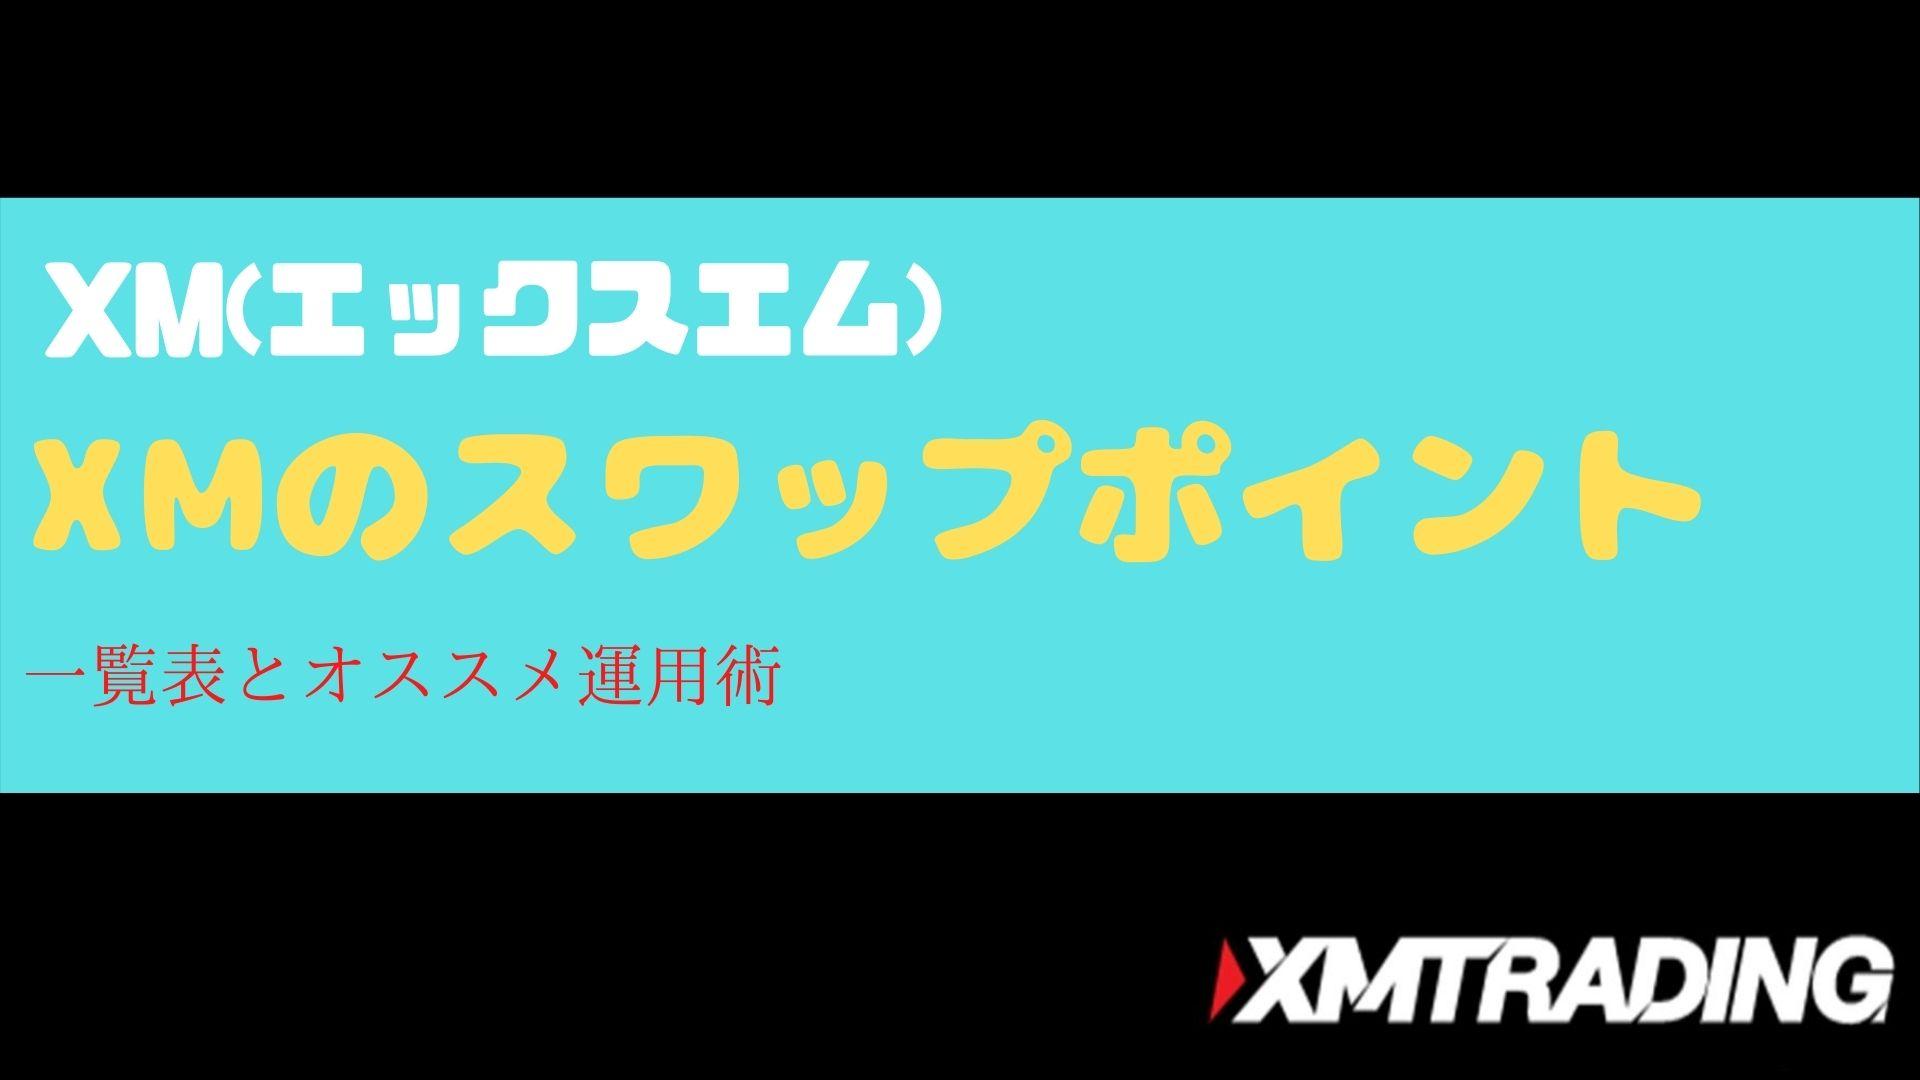 xm-swap-point-title